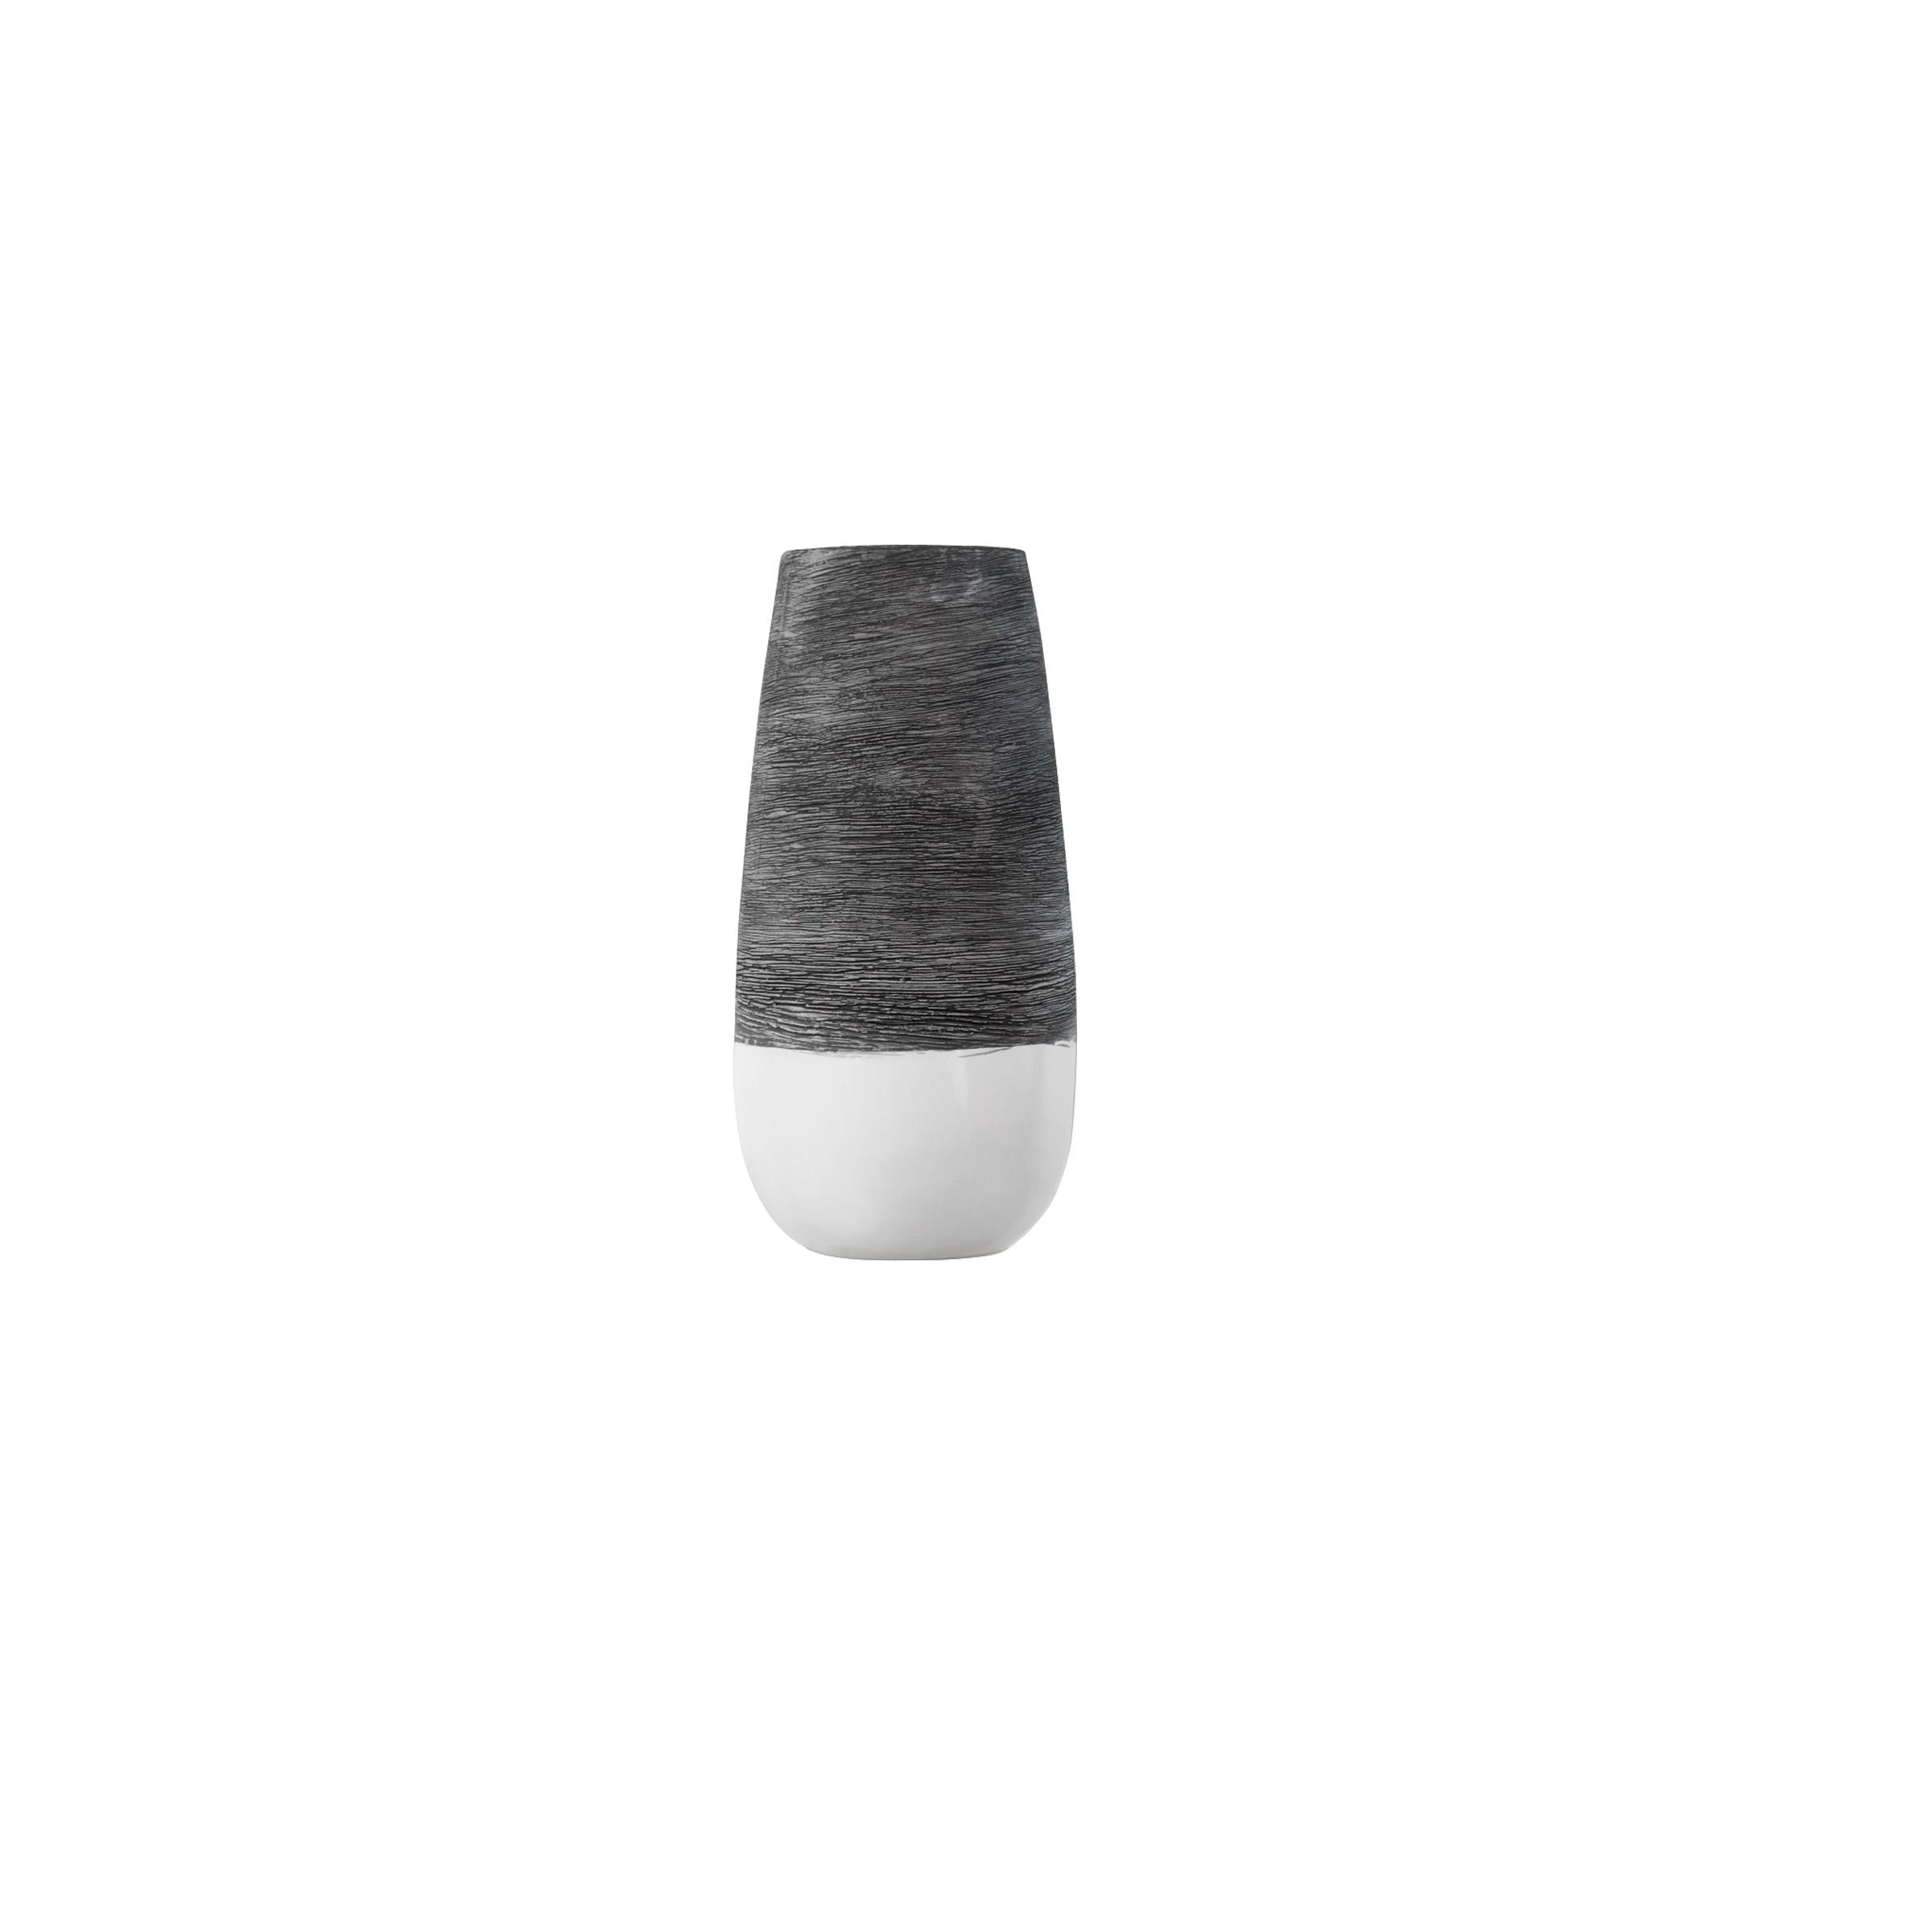 '2 tone' vase